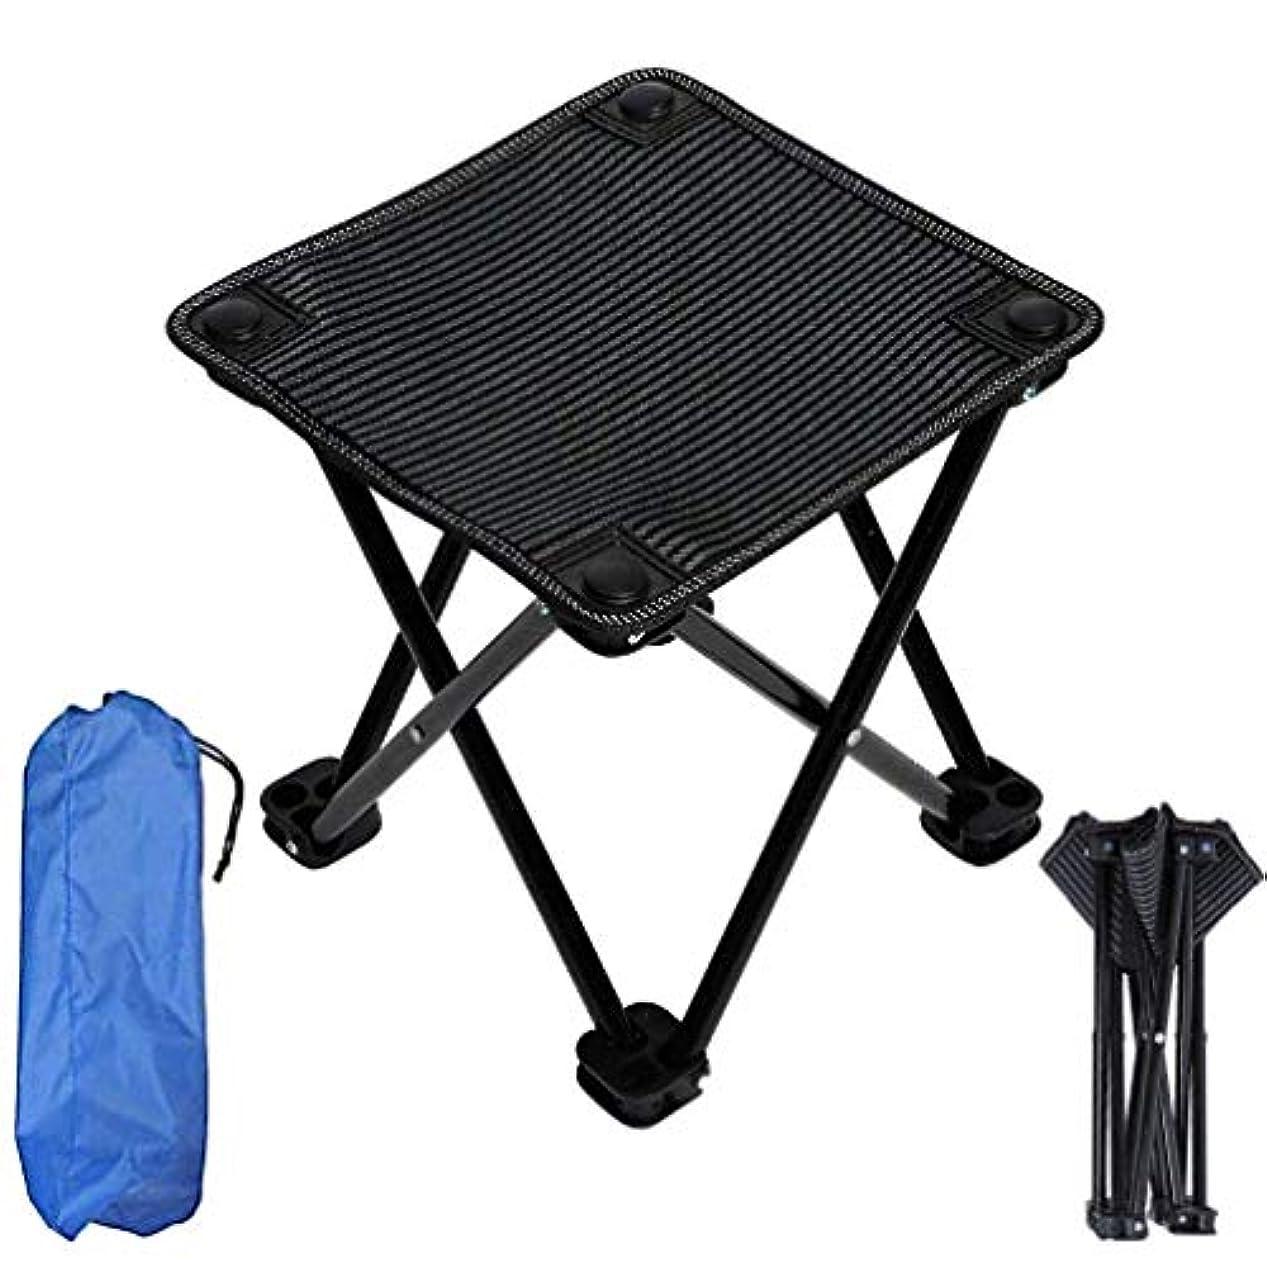 コンバーチブル子短くする携帯用キャンプチェア、330ポンドの容量の折りたたみ式メッシュピクニックシート簡単に持ち運び可能、折りたたみ式でコンパクト、ボーナスキャリーバッグでのご旅行に最適パーフェクトハイキング/釣り/キャンプ,B